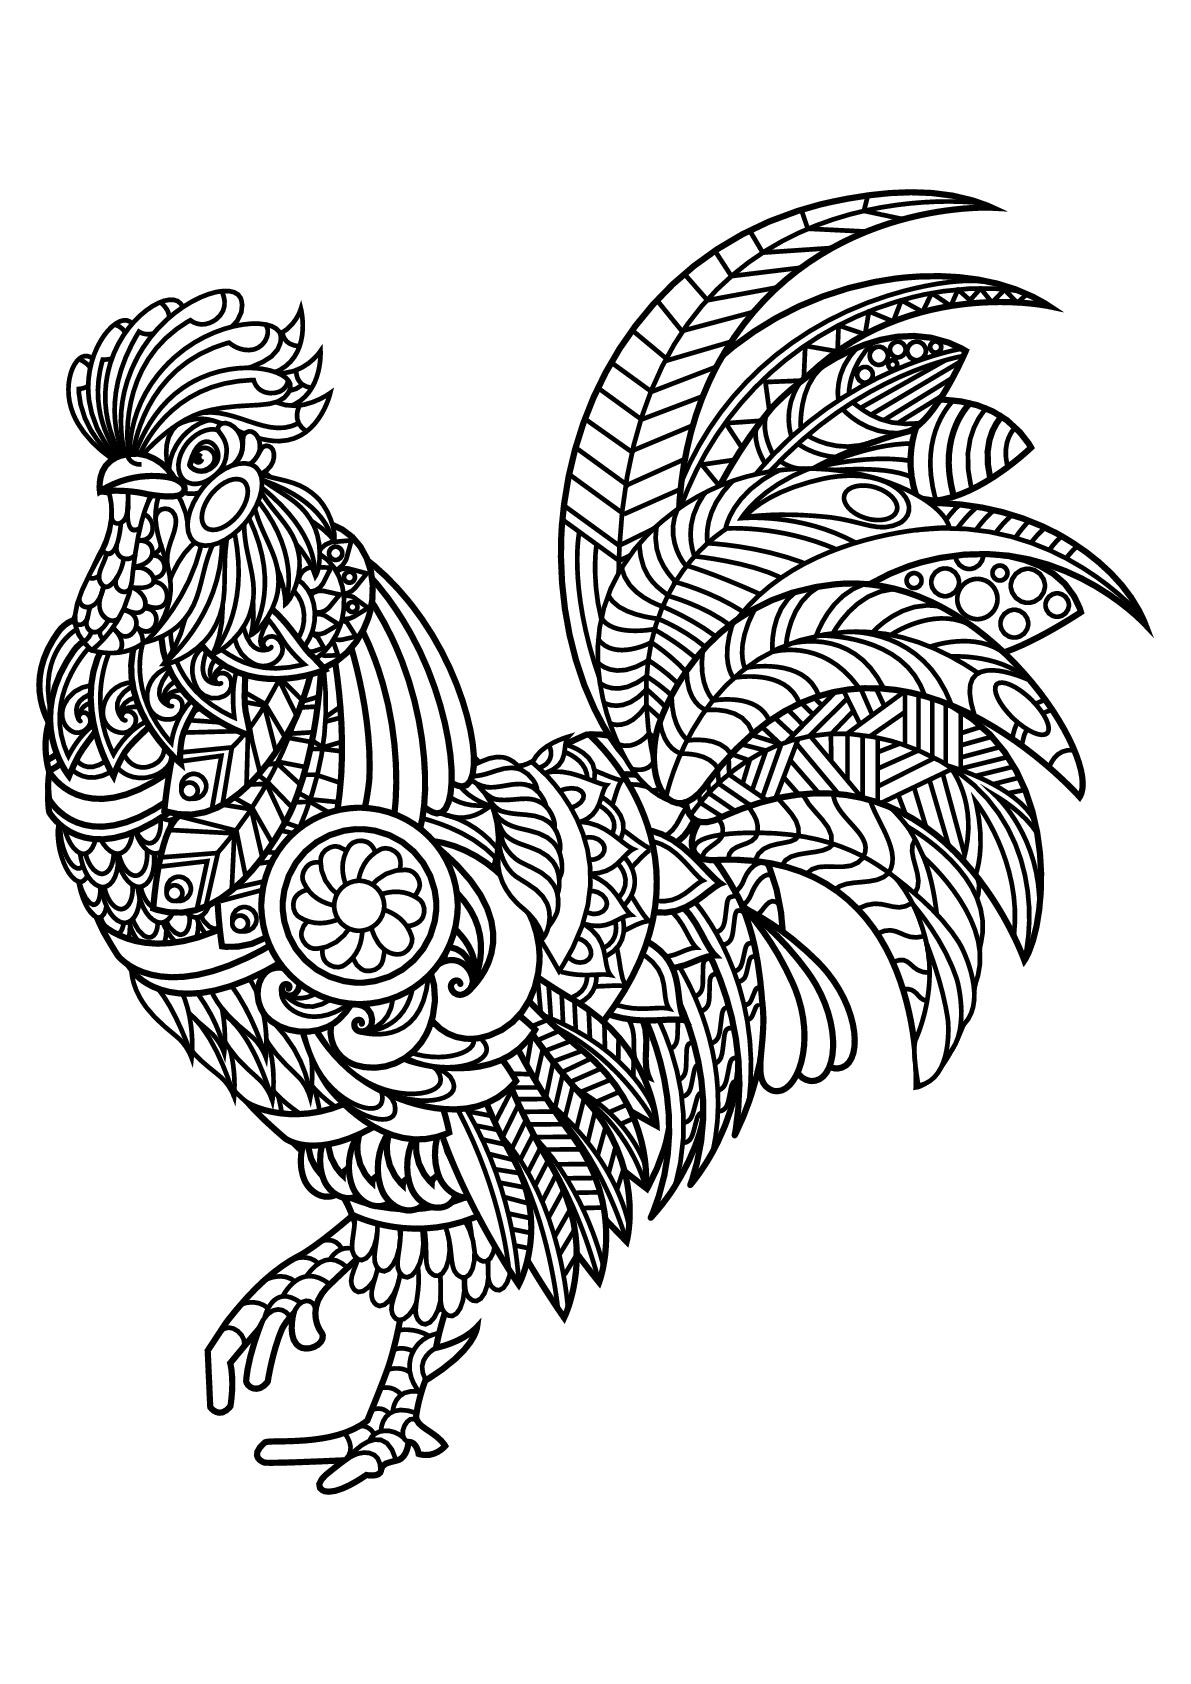 Coq - Coloriage d'Oiseaux - Coloriages pour enfants